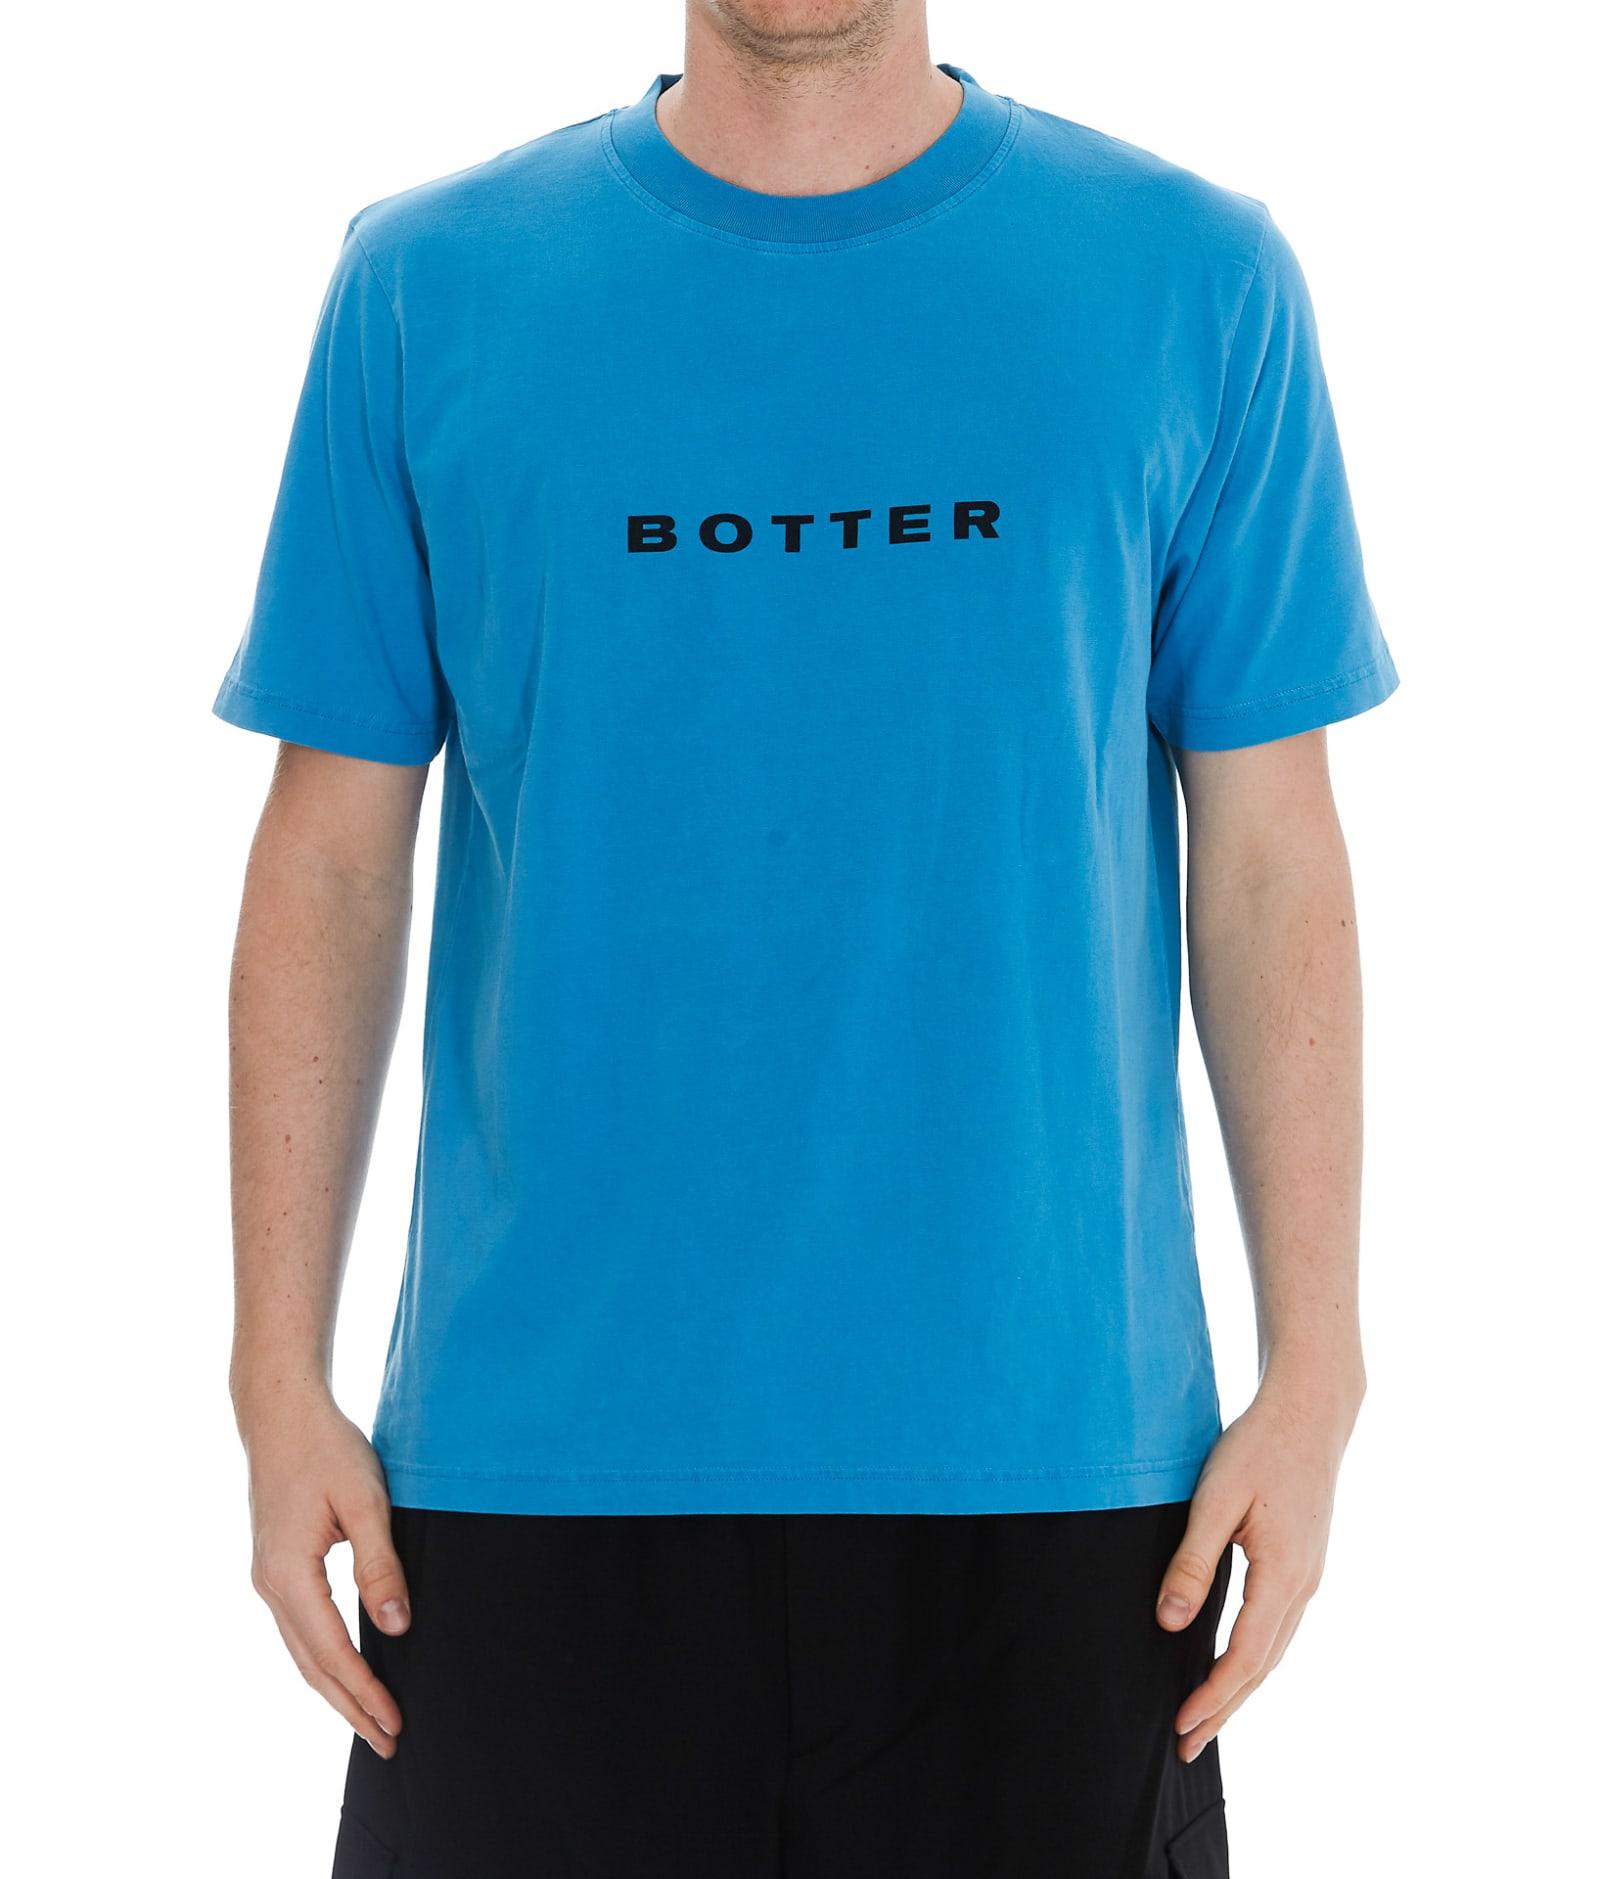 Botter Botter T-shirt